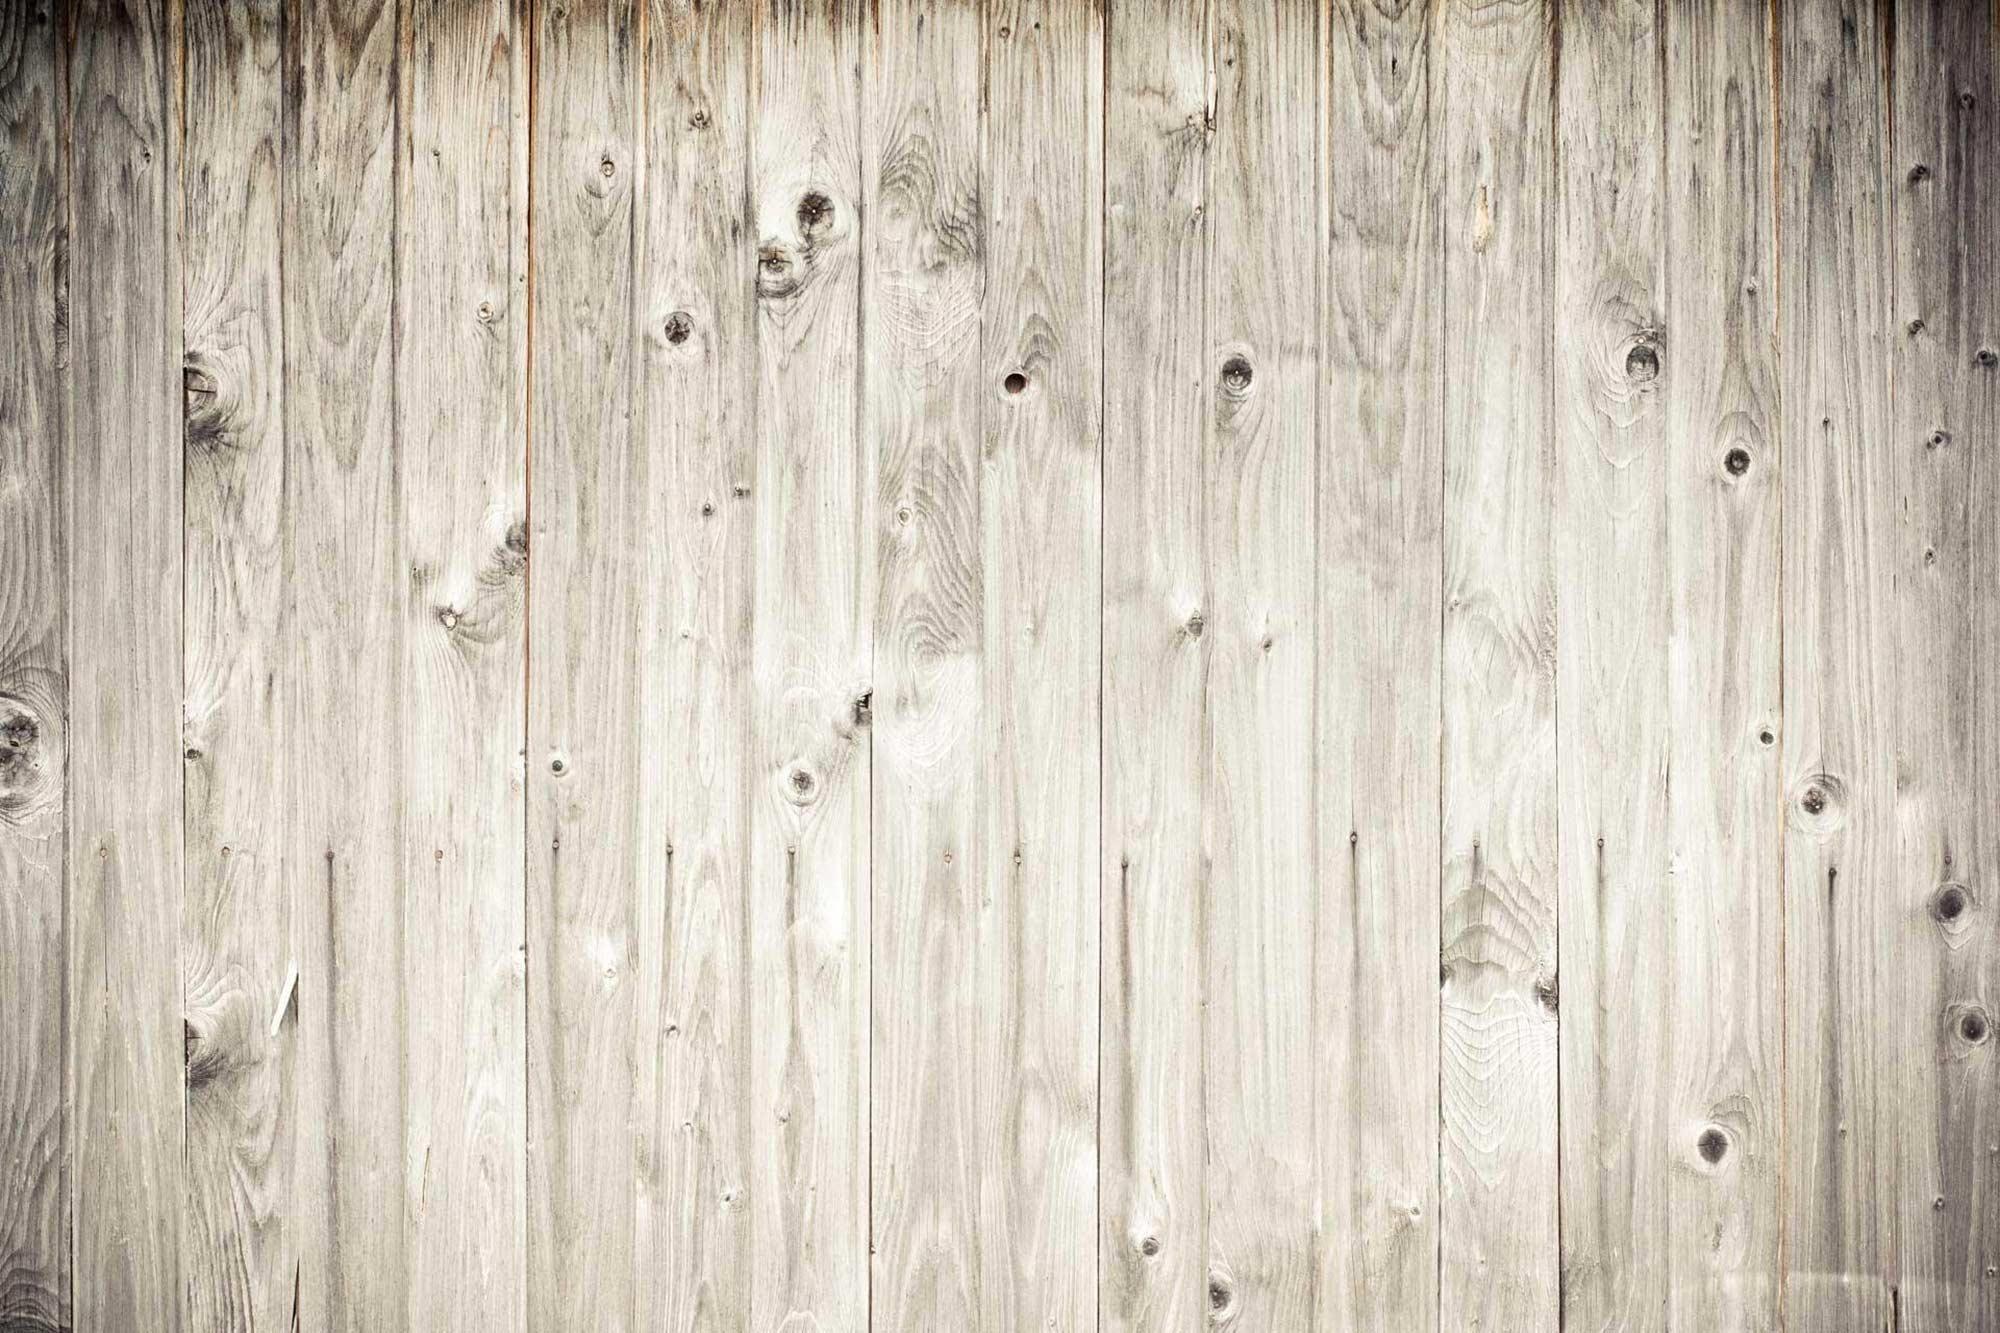 Drewniana podłoga w kolorze bielonego dębu z dużą ilością pięknych słoi